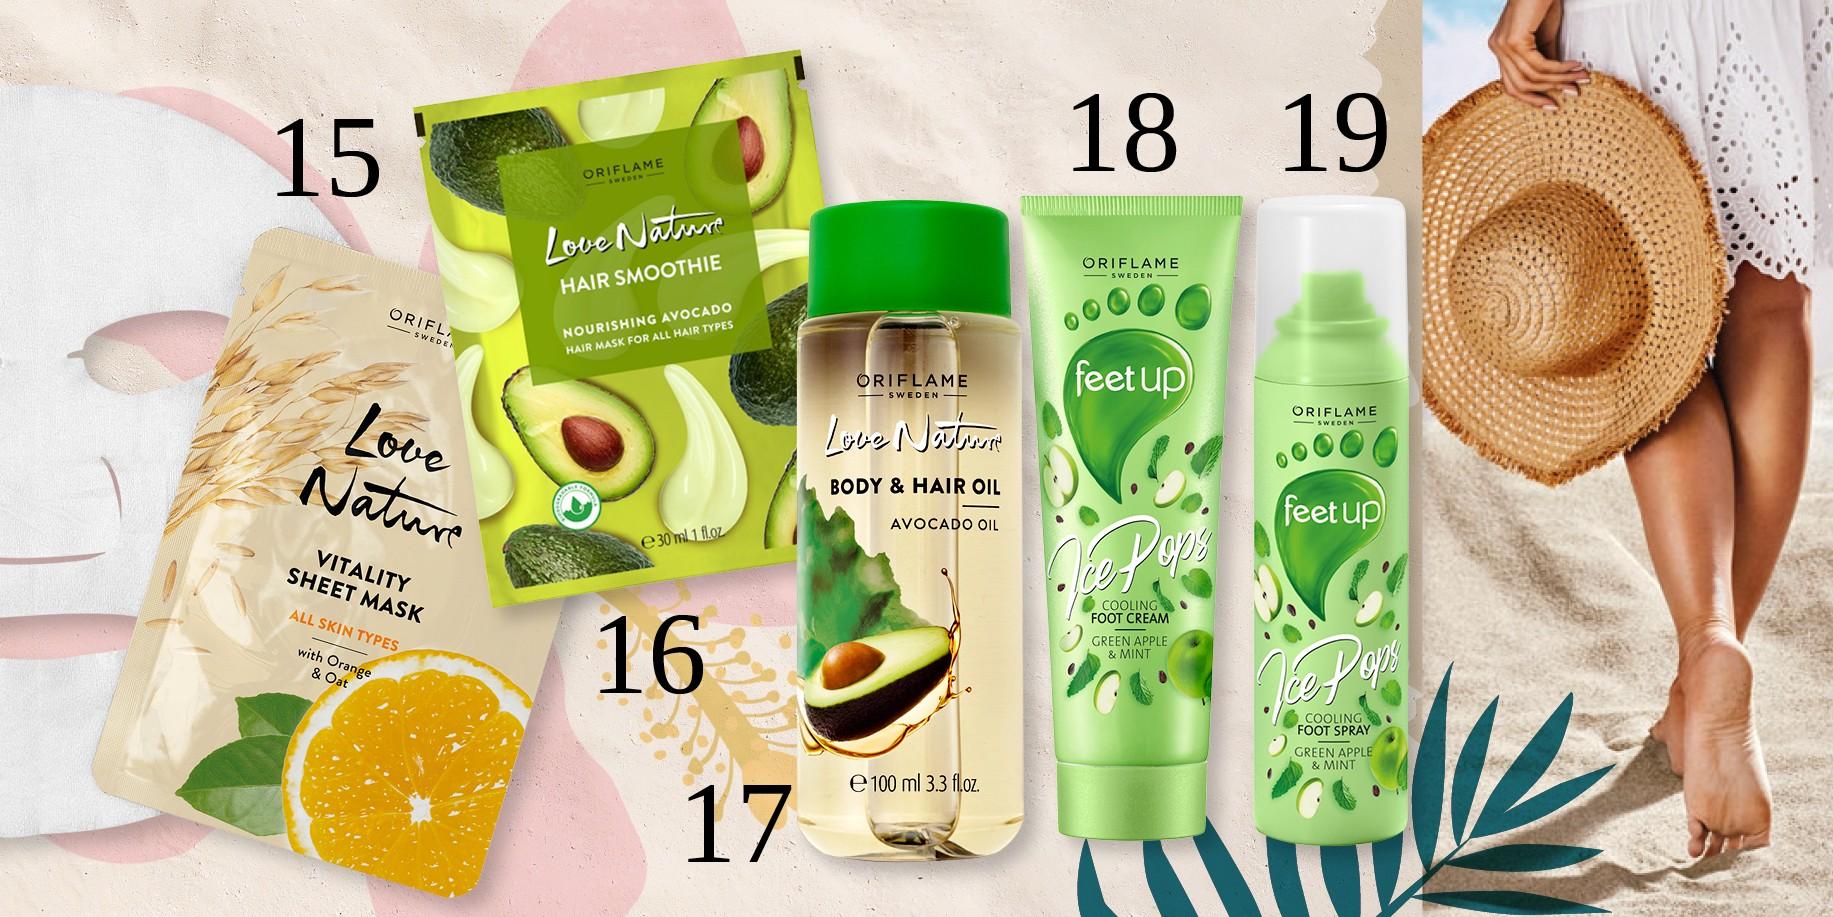 Η τυχερή που κερδίζει το καλοκαιρινό νεσεσέρ Oriflame με 26 προϊόντα αξίας €402